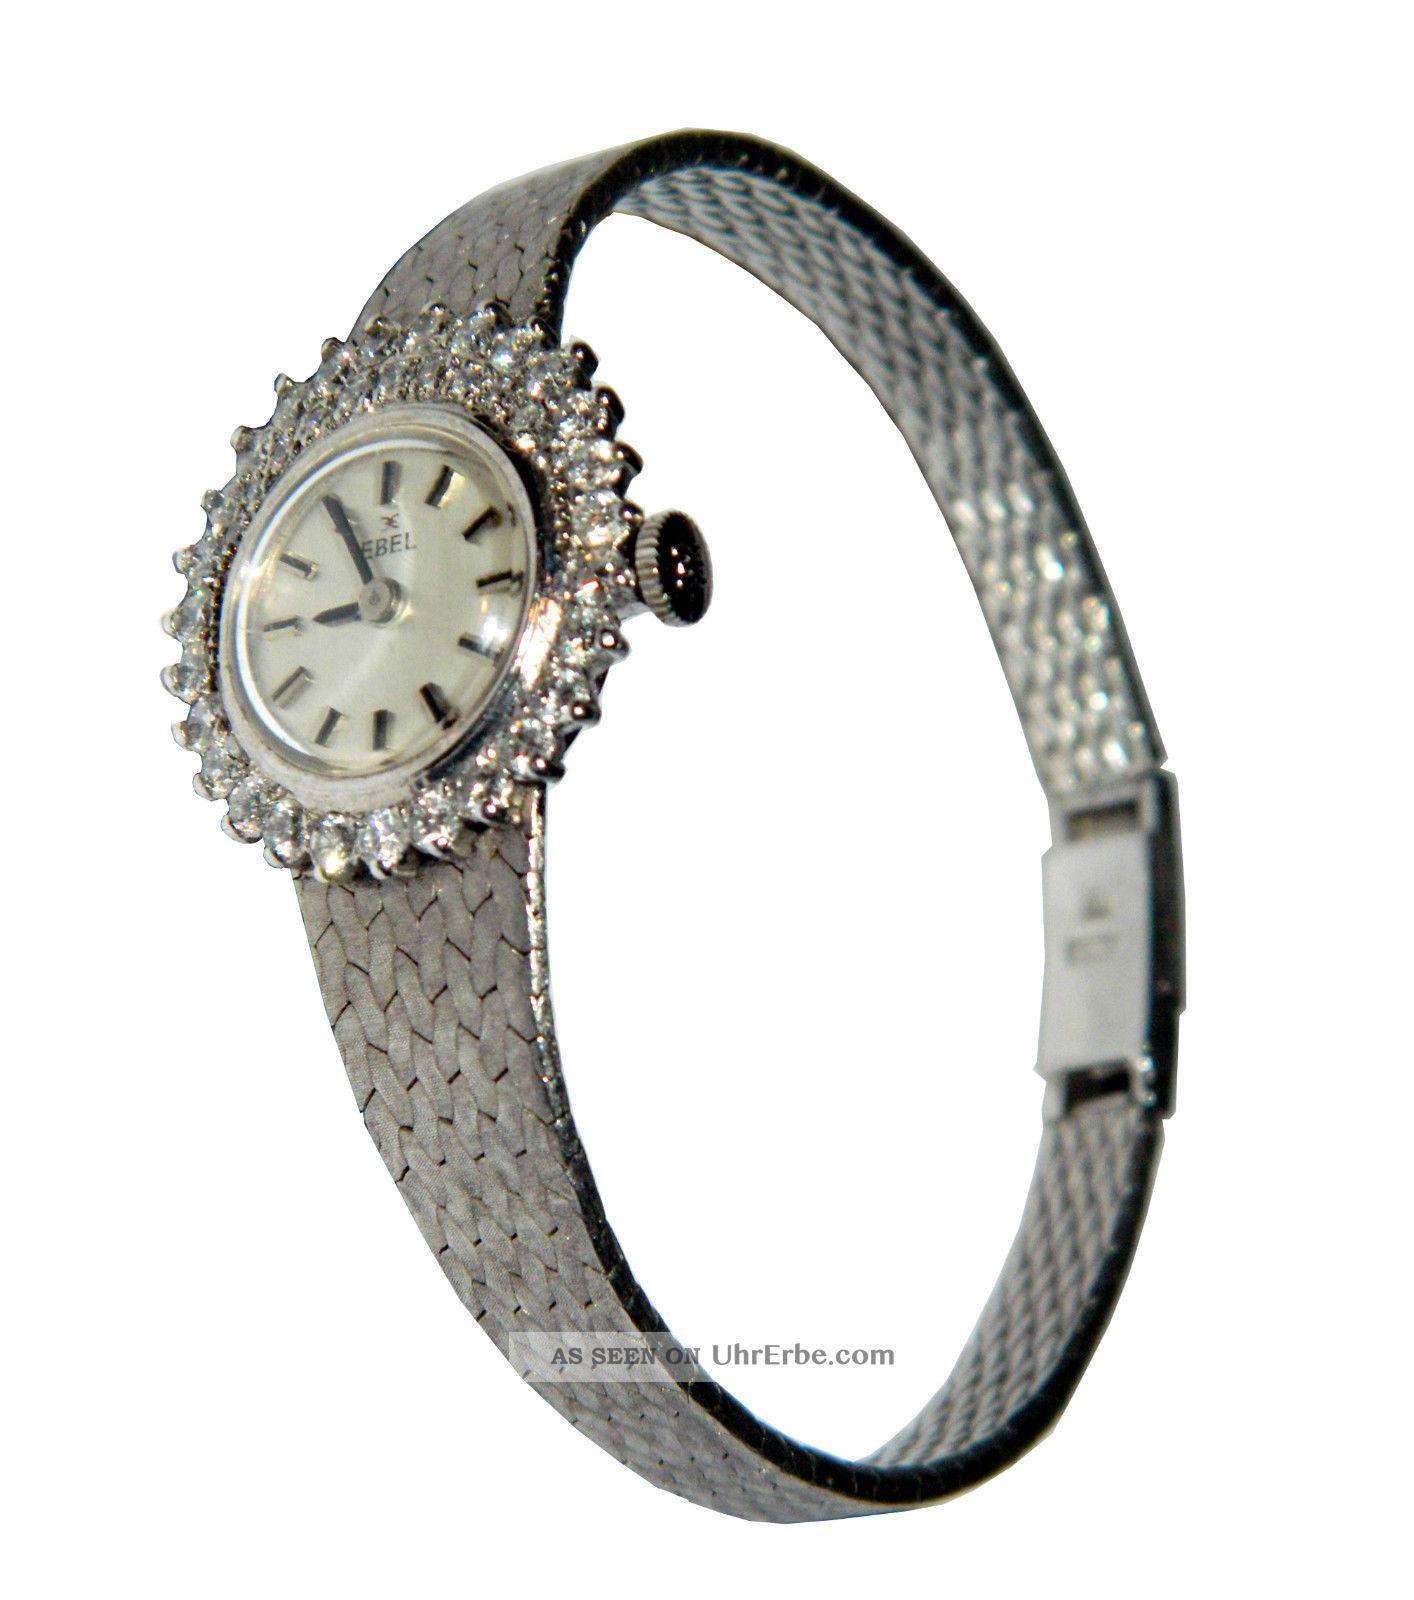 Ebel Damenuhr Uhr 750er Weißgold 18 Karat,  38 Brillianten 1,  4 Karat Nr.  54003 Armbanduhren Bild